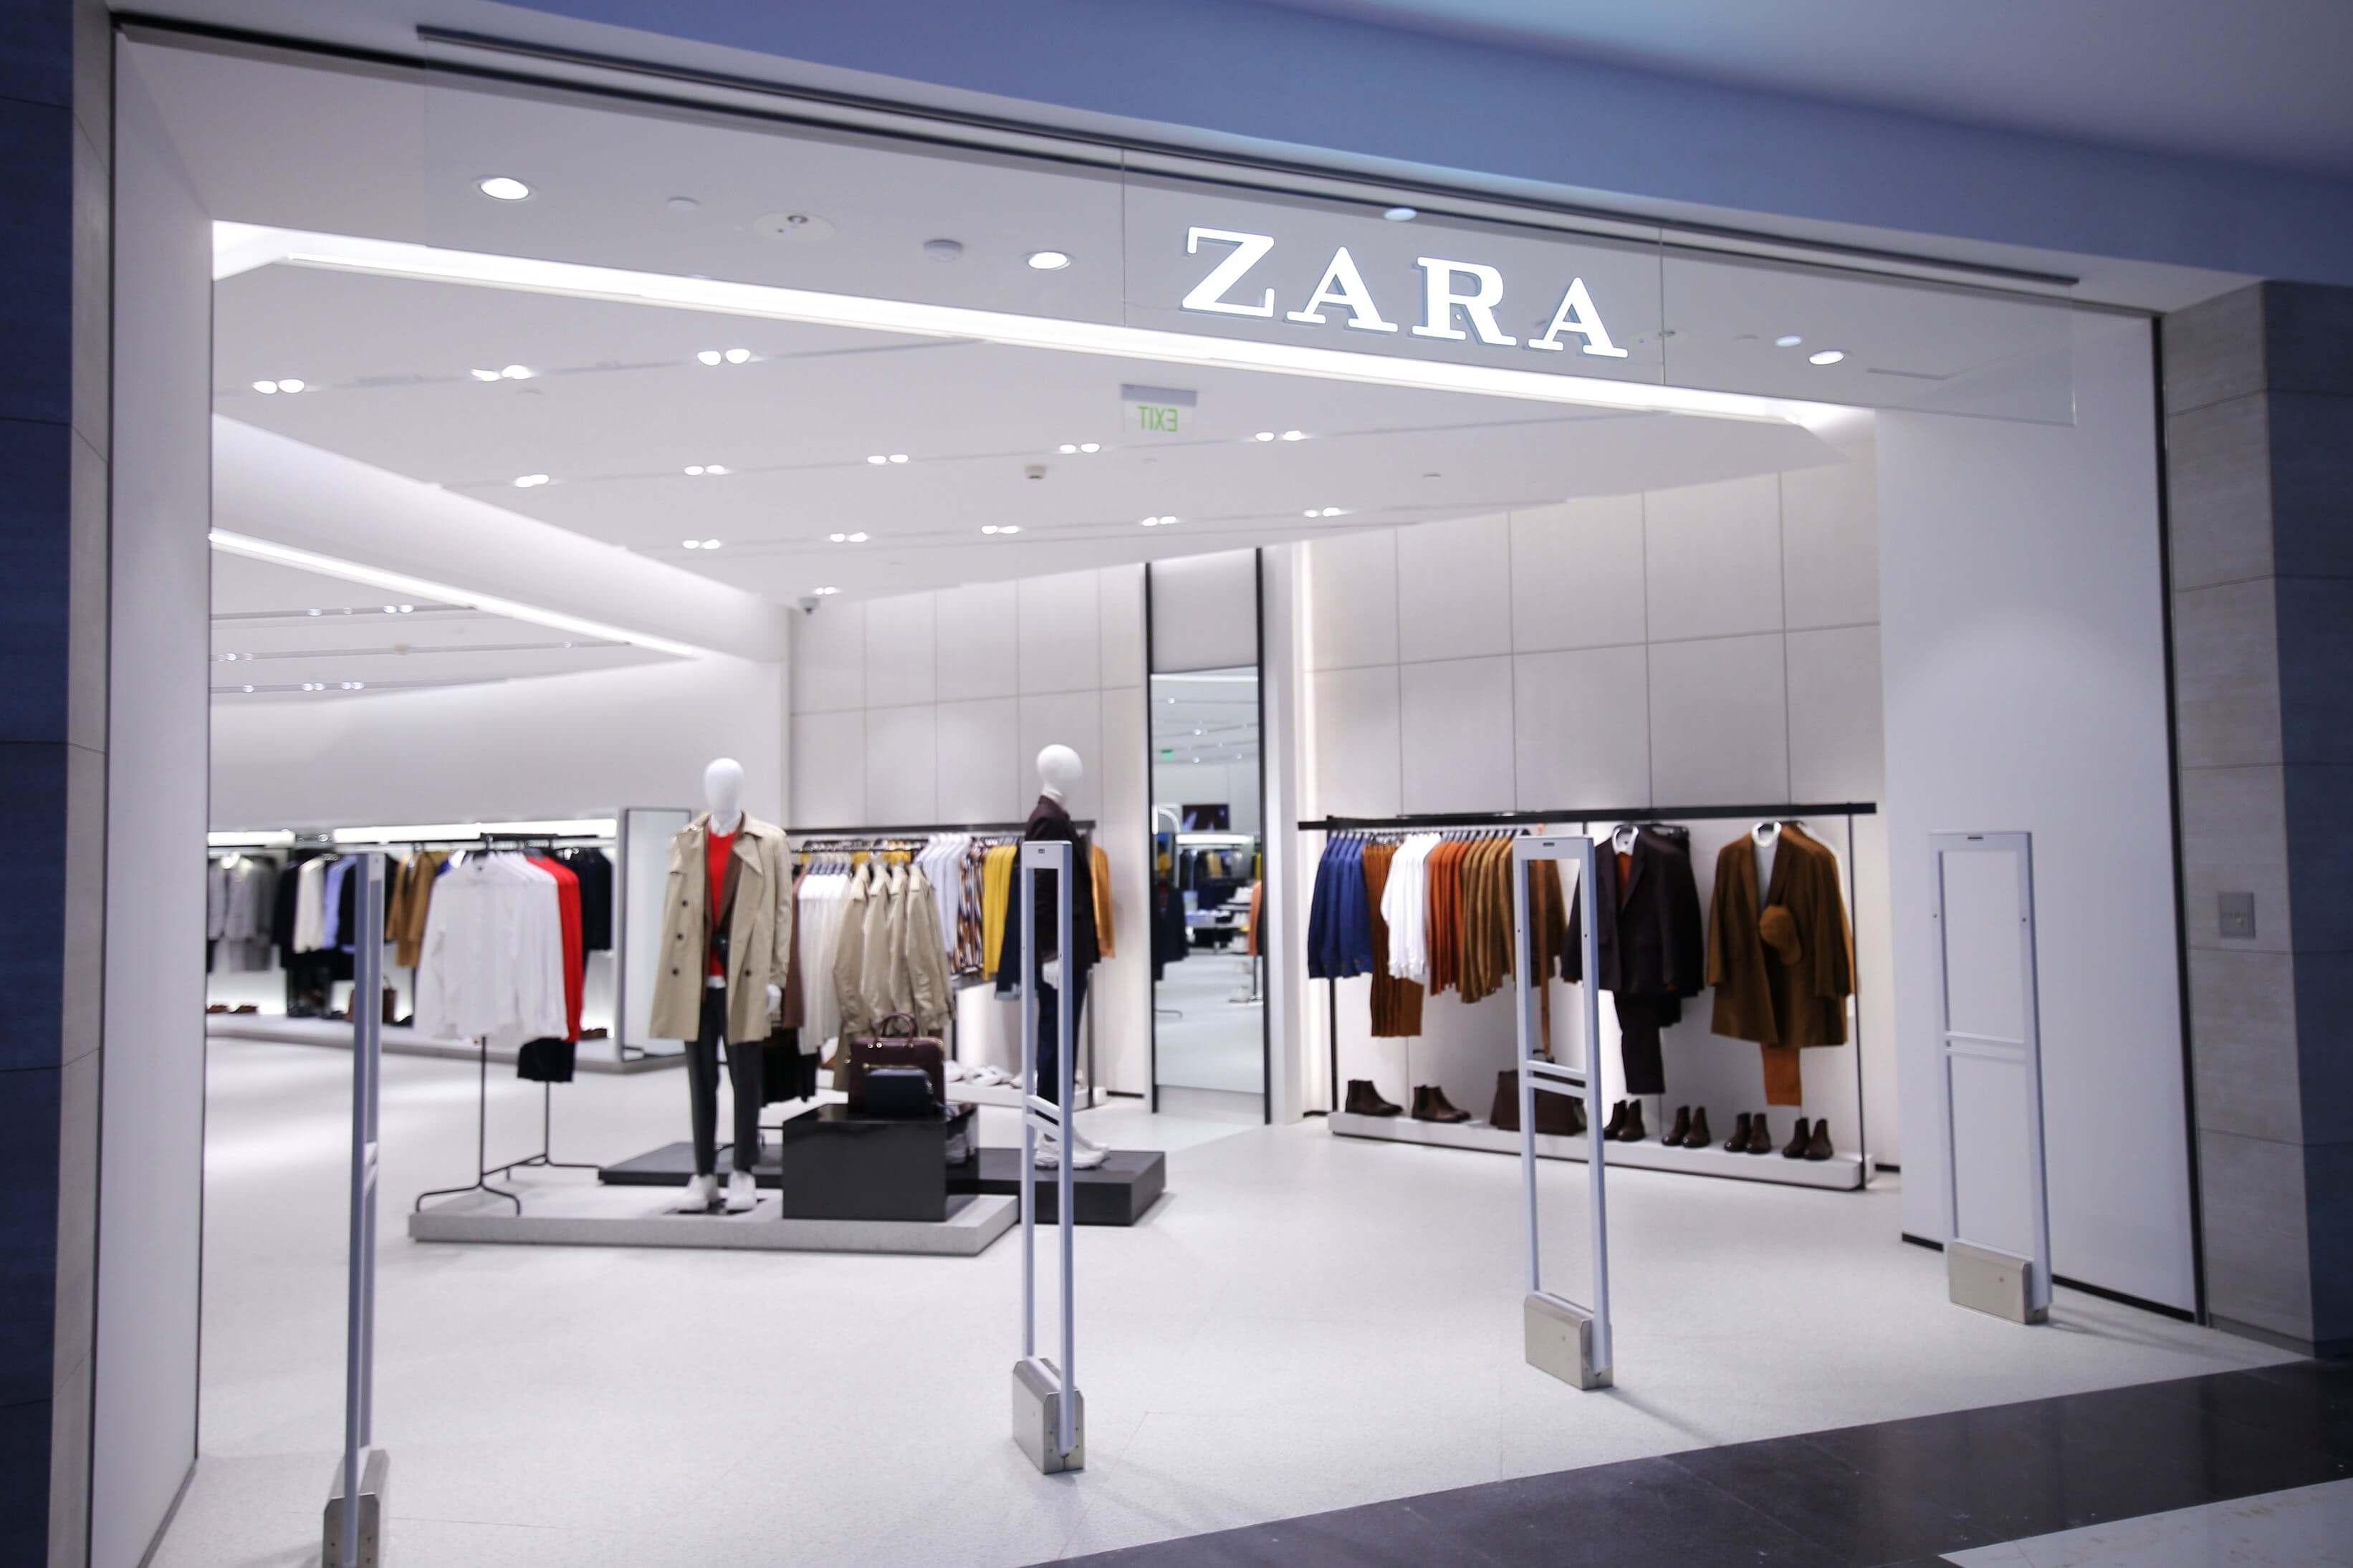 Зара Магазин Одежды